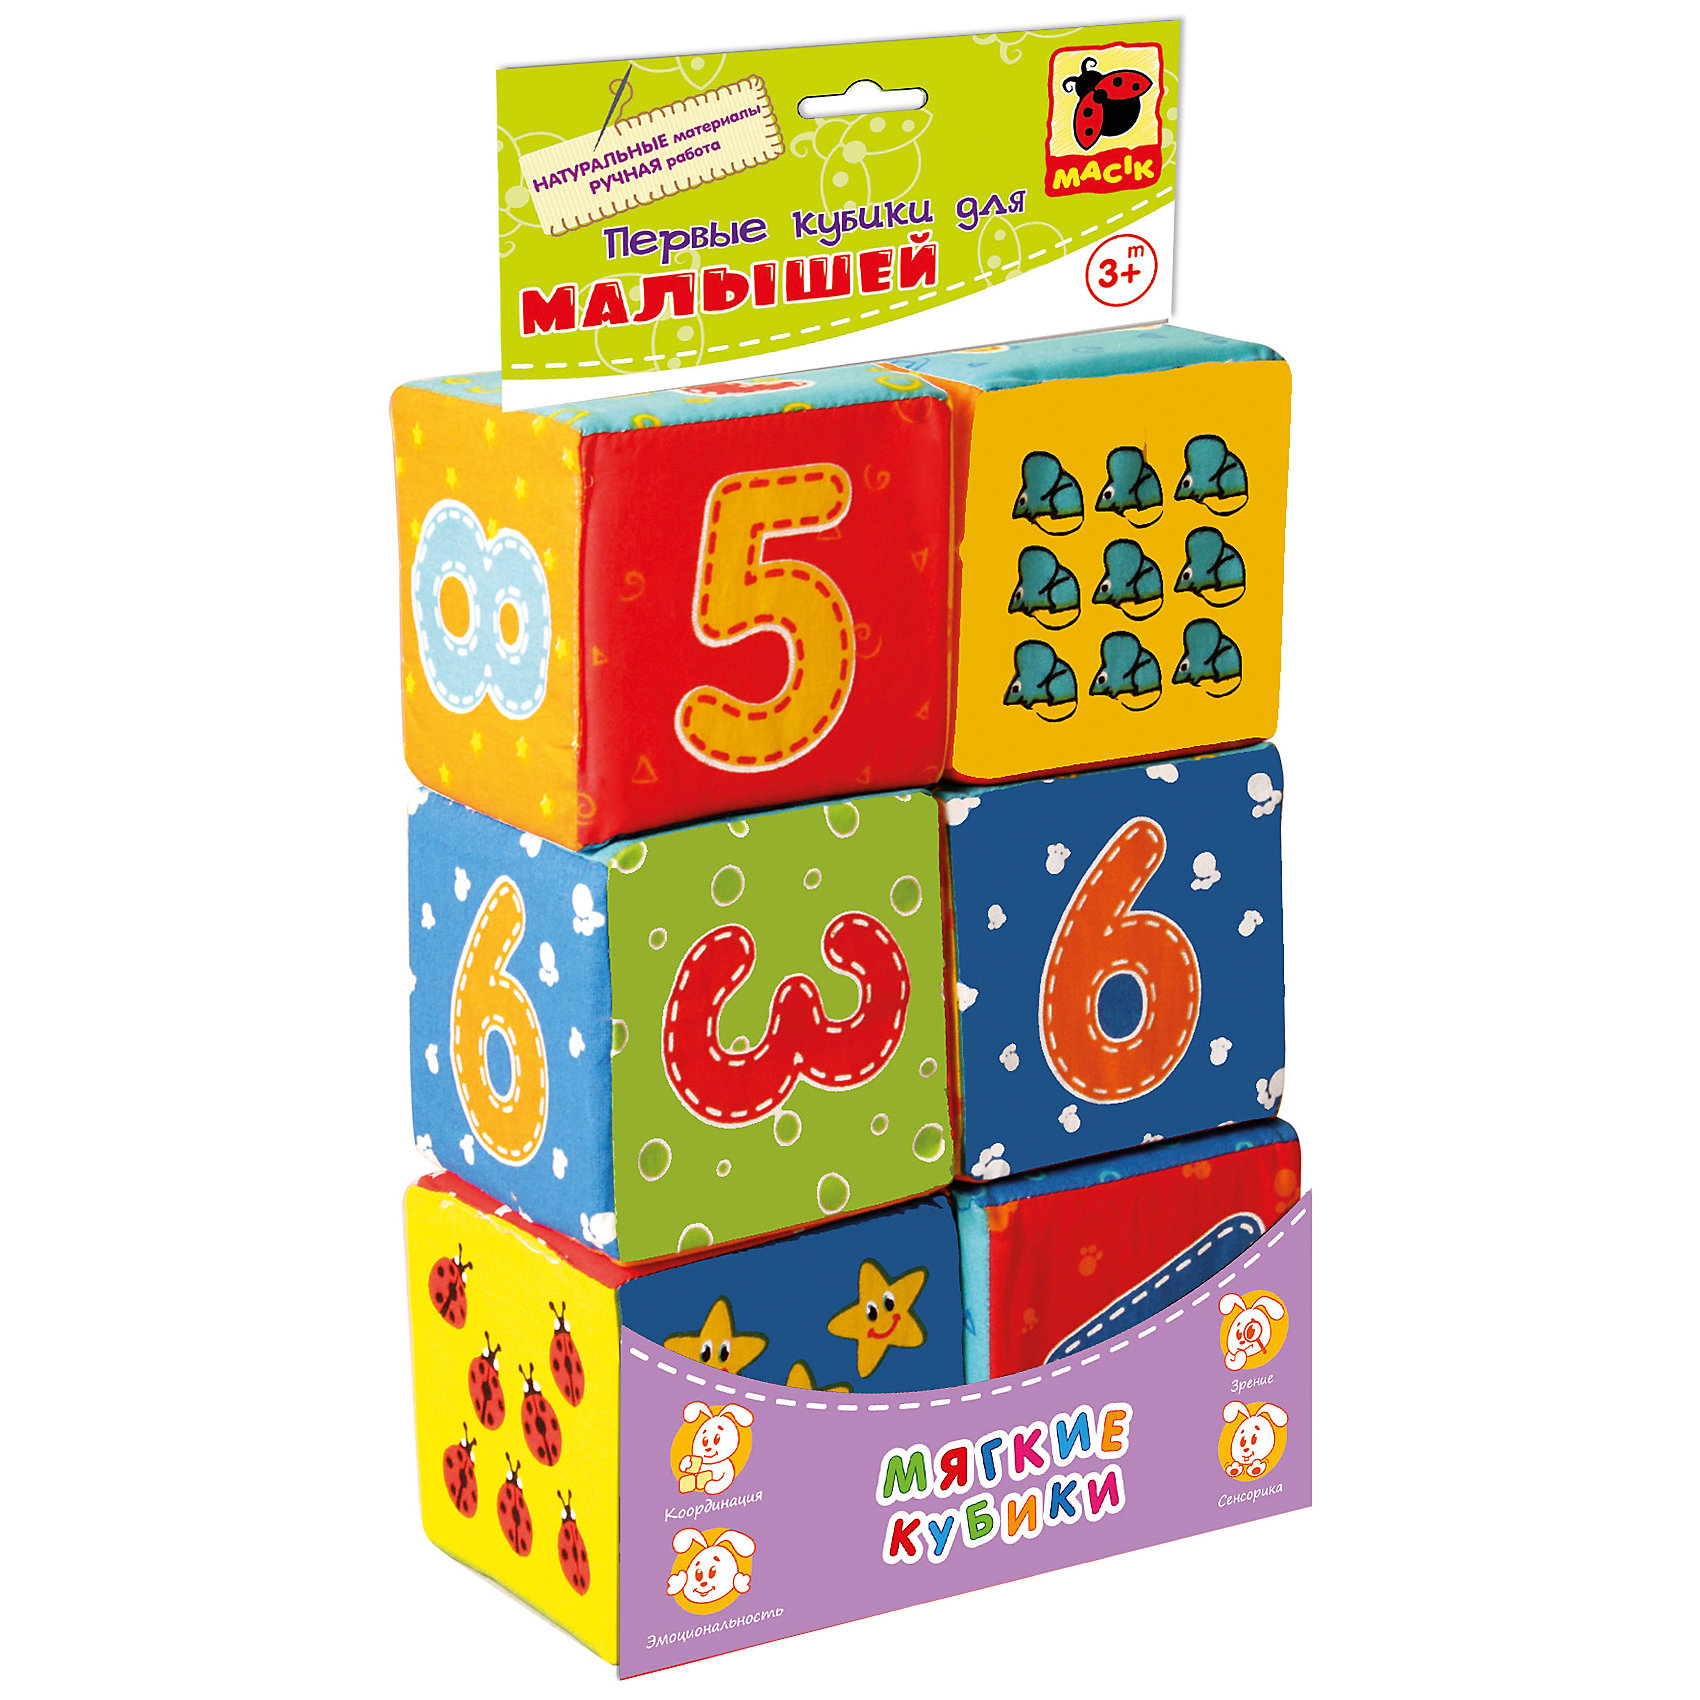 Набор мягких кубиков Цифры, Мылышок, Vladi ToysХарактеристики:<br><br>• Вид игр: развивающие, конструирование<br>• Серия: Малышок<br>• Пол: универсальный<br>• Материал: текстиль<br>• Цвет: голубой, красный, оранжевый, зеленый, желтый и др.<br>• Комплектация: 6 кубиков, инструкция<br>• Размеры (Д*Ш*В): 33*8,5*16,5 см<br>• Тип упаковки: полиэтиленовый пакет с картонным клапаном<br>• Вес в упаковке: 110 г<br>• Предусмотрено несколько вариантов игр<br>• Возможность вариации заданий по сложности <br>• Особенности ухода: разрешается сухая чистка и машинная стирка на щадящем режиме без использования красящих и отбеливающих веществ<br><br>Набор мягких кубиков Цифры, Vladi Toys, производителем которых является компания, специализирующаяся на выпуске развивающих игр, давно уже стали популярными среди аналогичной продукции. Мягкие кубики – идеальное решение для развивающих занятий с самыми маленькими детьми, так как они абсолютно безопасны, окрашены в яркие цвета и сочетают в себе возможности для различных игр: от построения башенки или пирамидки до освоения цифр и счета. Все используемые в производстве материалы являются экологически безопасными, не вызывают аллергии, не имеют запаха. У каждого кубика разноцветные грани, на которых нанесены яркими красками крупные изображения цифр, картинок и математических знаков. Игры с такими кубиками предусматривают несколько вариантов заданий, с различной степенью сложности. Что не маловажно: кубики можно стирать или чистить, при этом они не деформируются и не теряют цвет, при условии соблюдения инструкций по их уходу.<br>Занятия с мягкими кубиками от Vladi Toys способствуют развитию мелкой моторики, внимательности, усидчивости. Набор может использоваться в качестве наглядного пособия для формирования первых представлений о математике.<br><br>Набор мягких кубиков Цифры, Vladi Toys можно купить в нашем интернет-магазине.<br><br>Ширина мм: 330<br>Глубина мм: 85<br>Высота мм: 165<br>Вес г: 110<br>Возраст от месяцев: 12<br>Возраст до месяцев